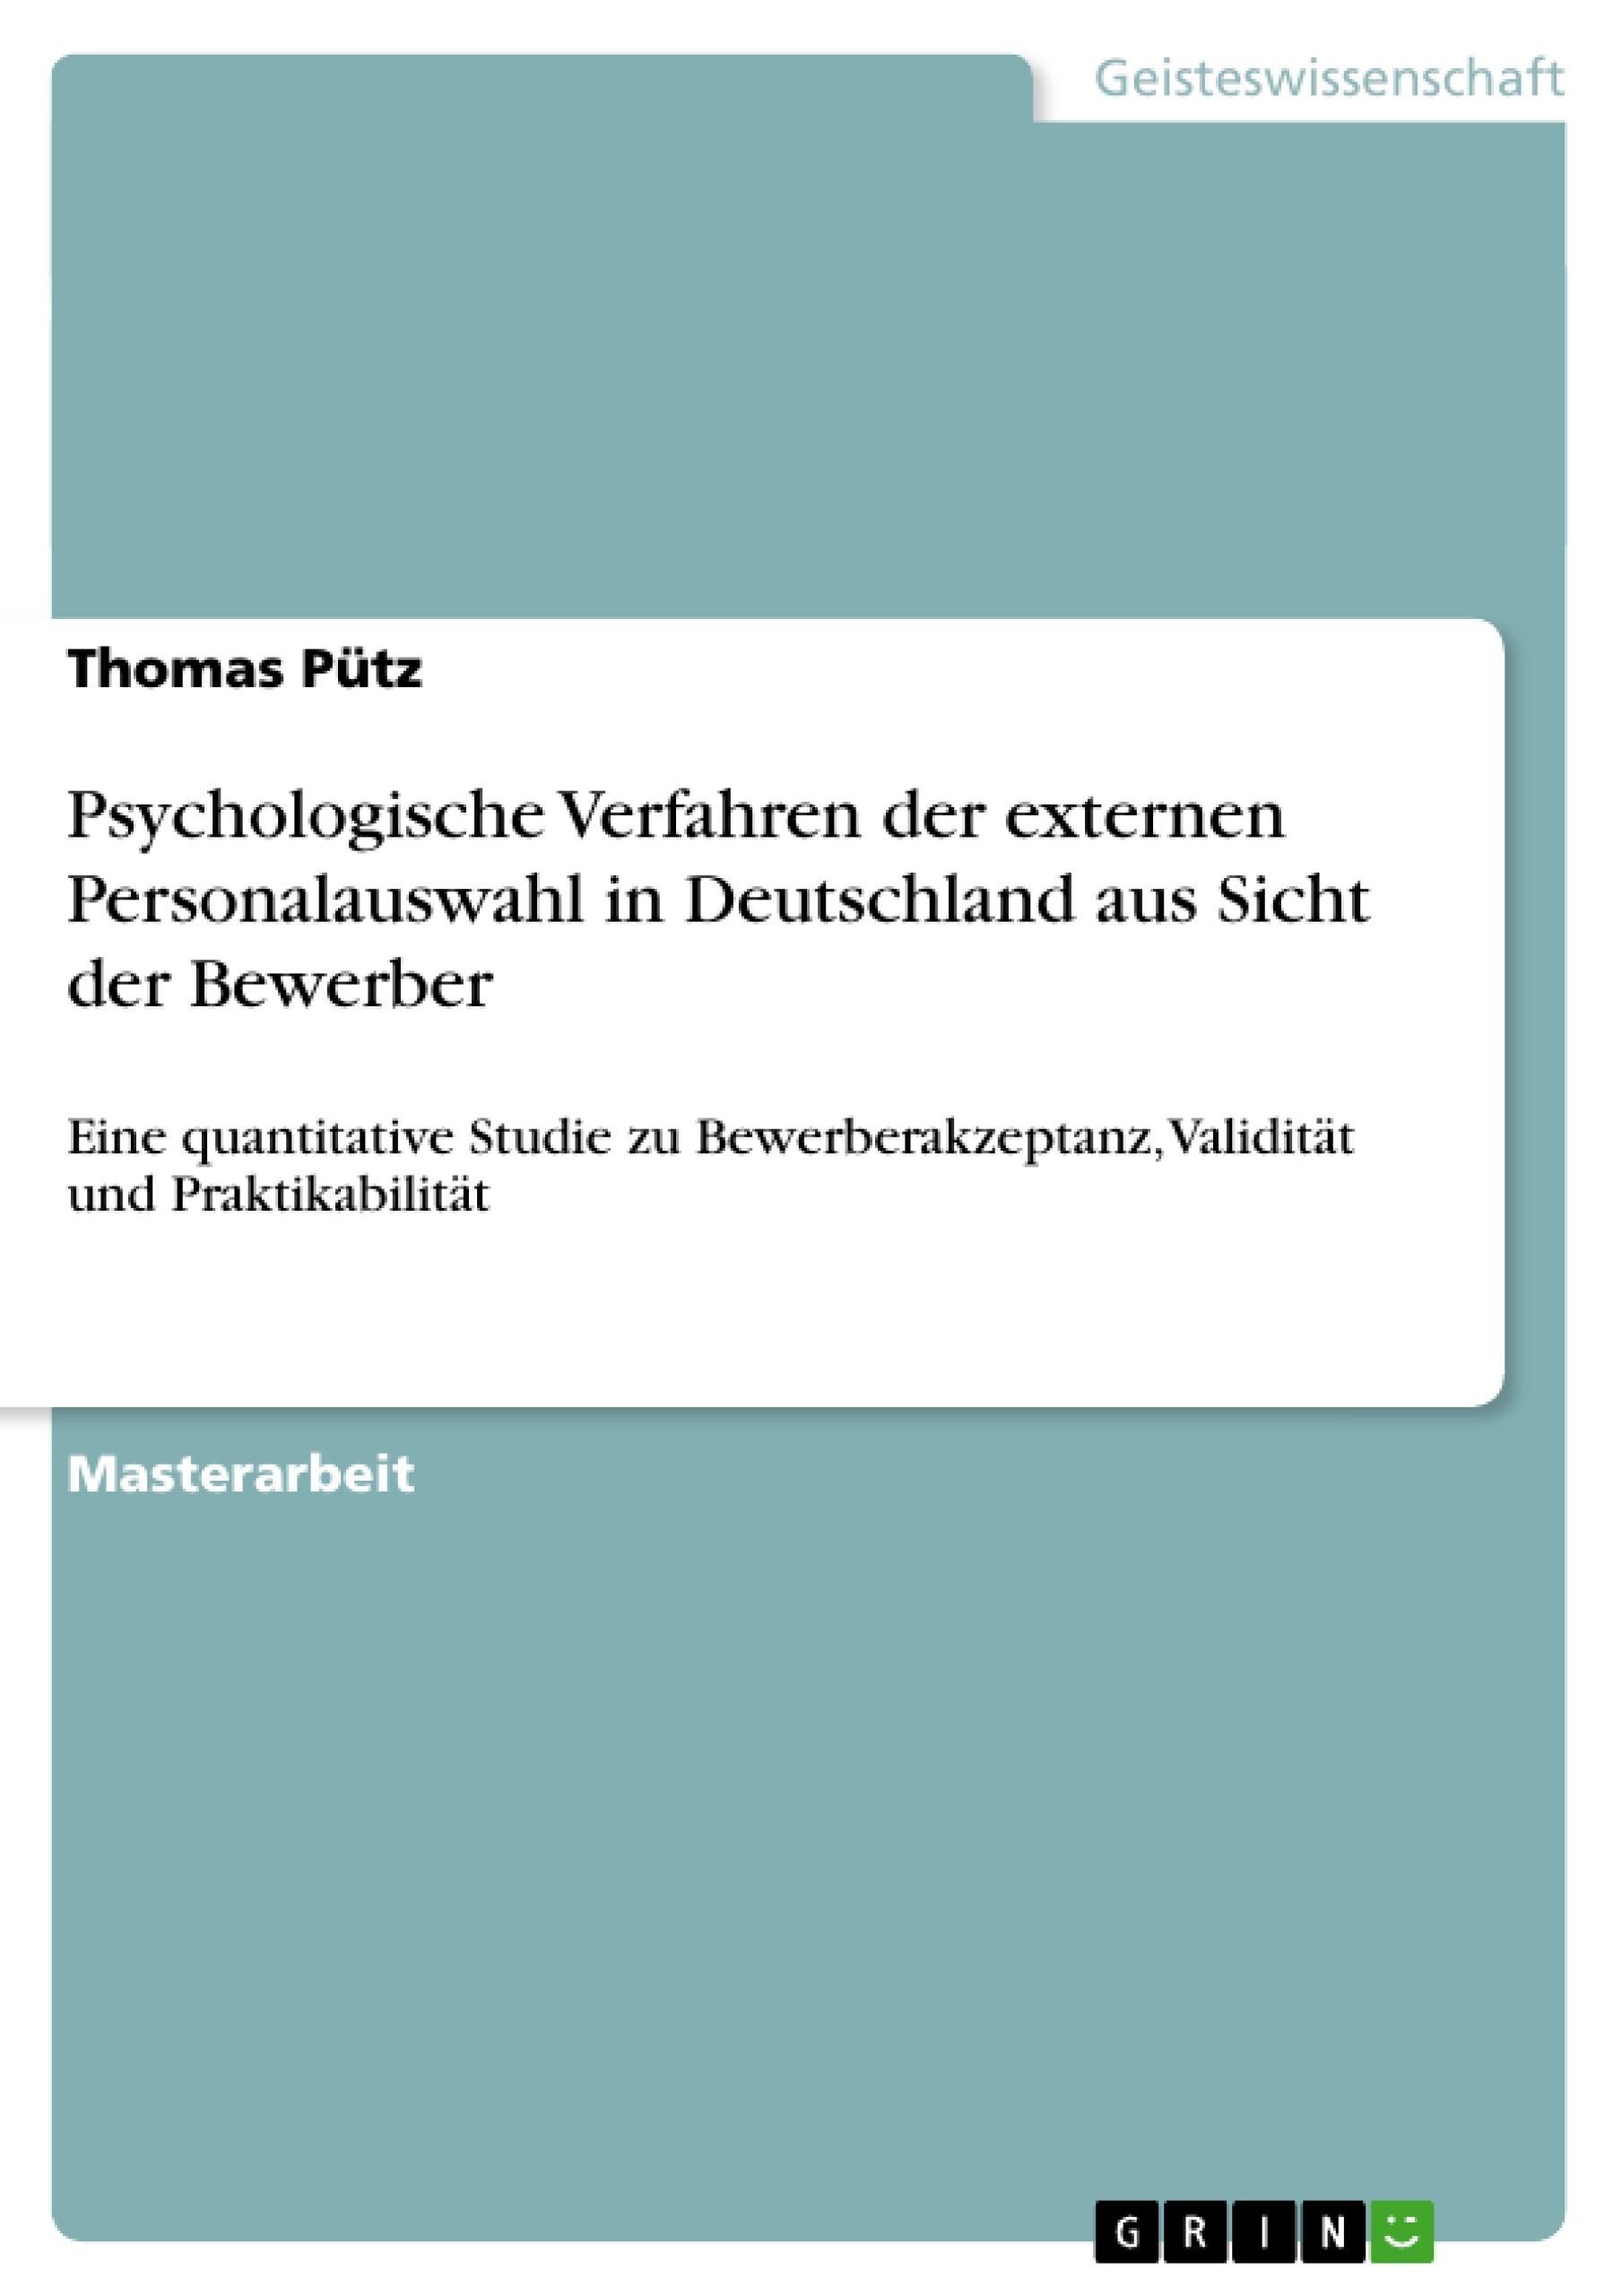 Titel: Psychologische Verfahren der externen Personalauswahl in Deutschland aus Sicht der Bewerber